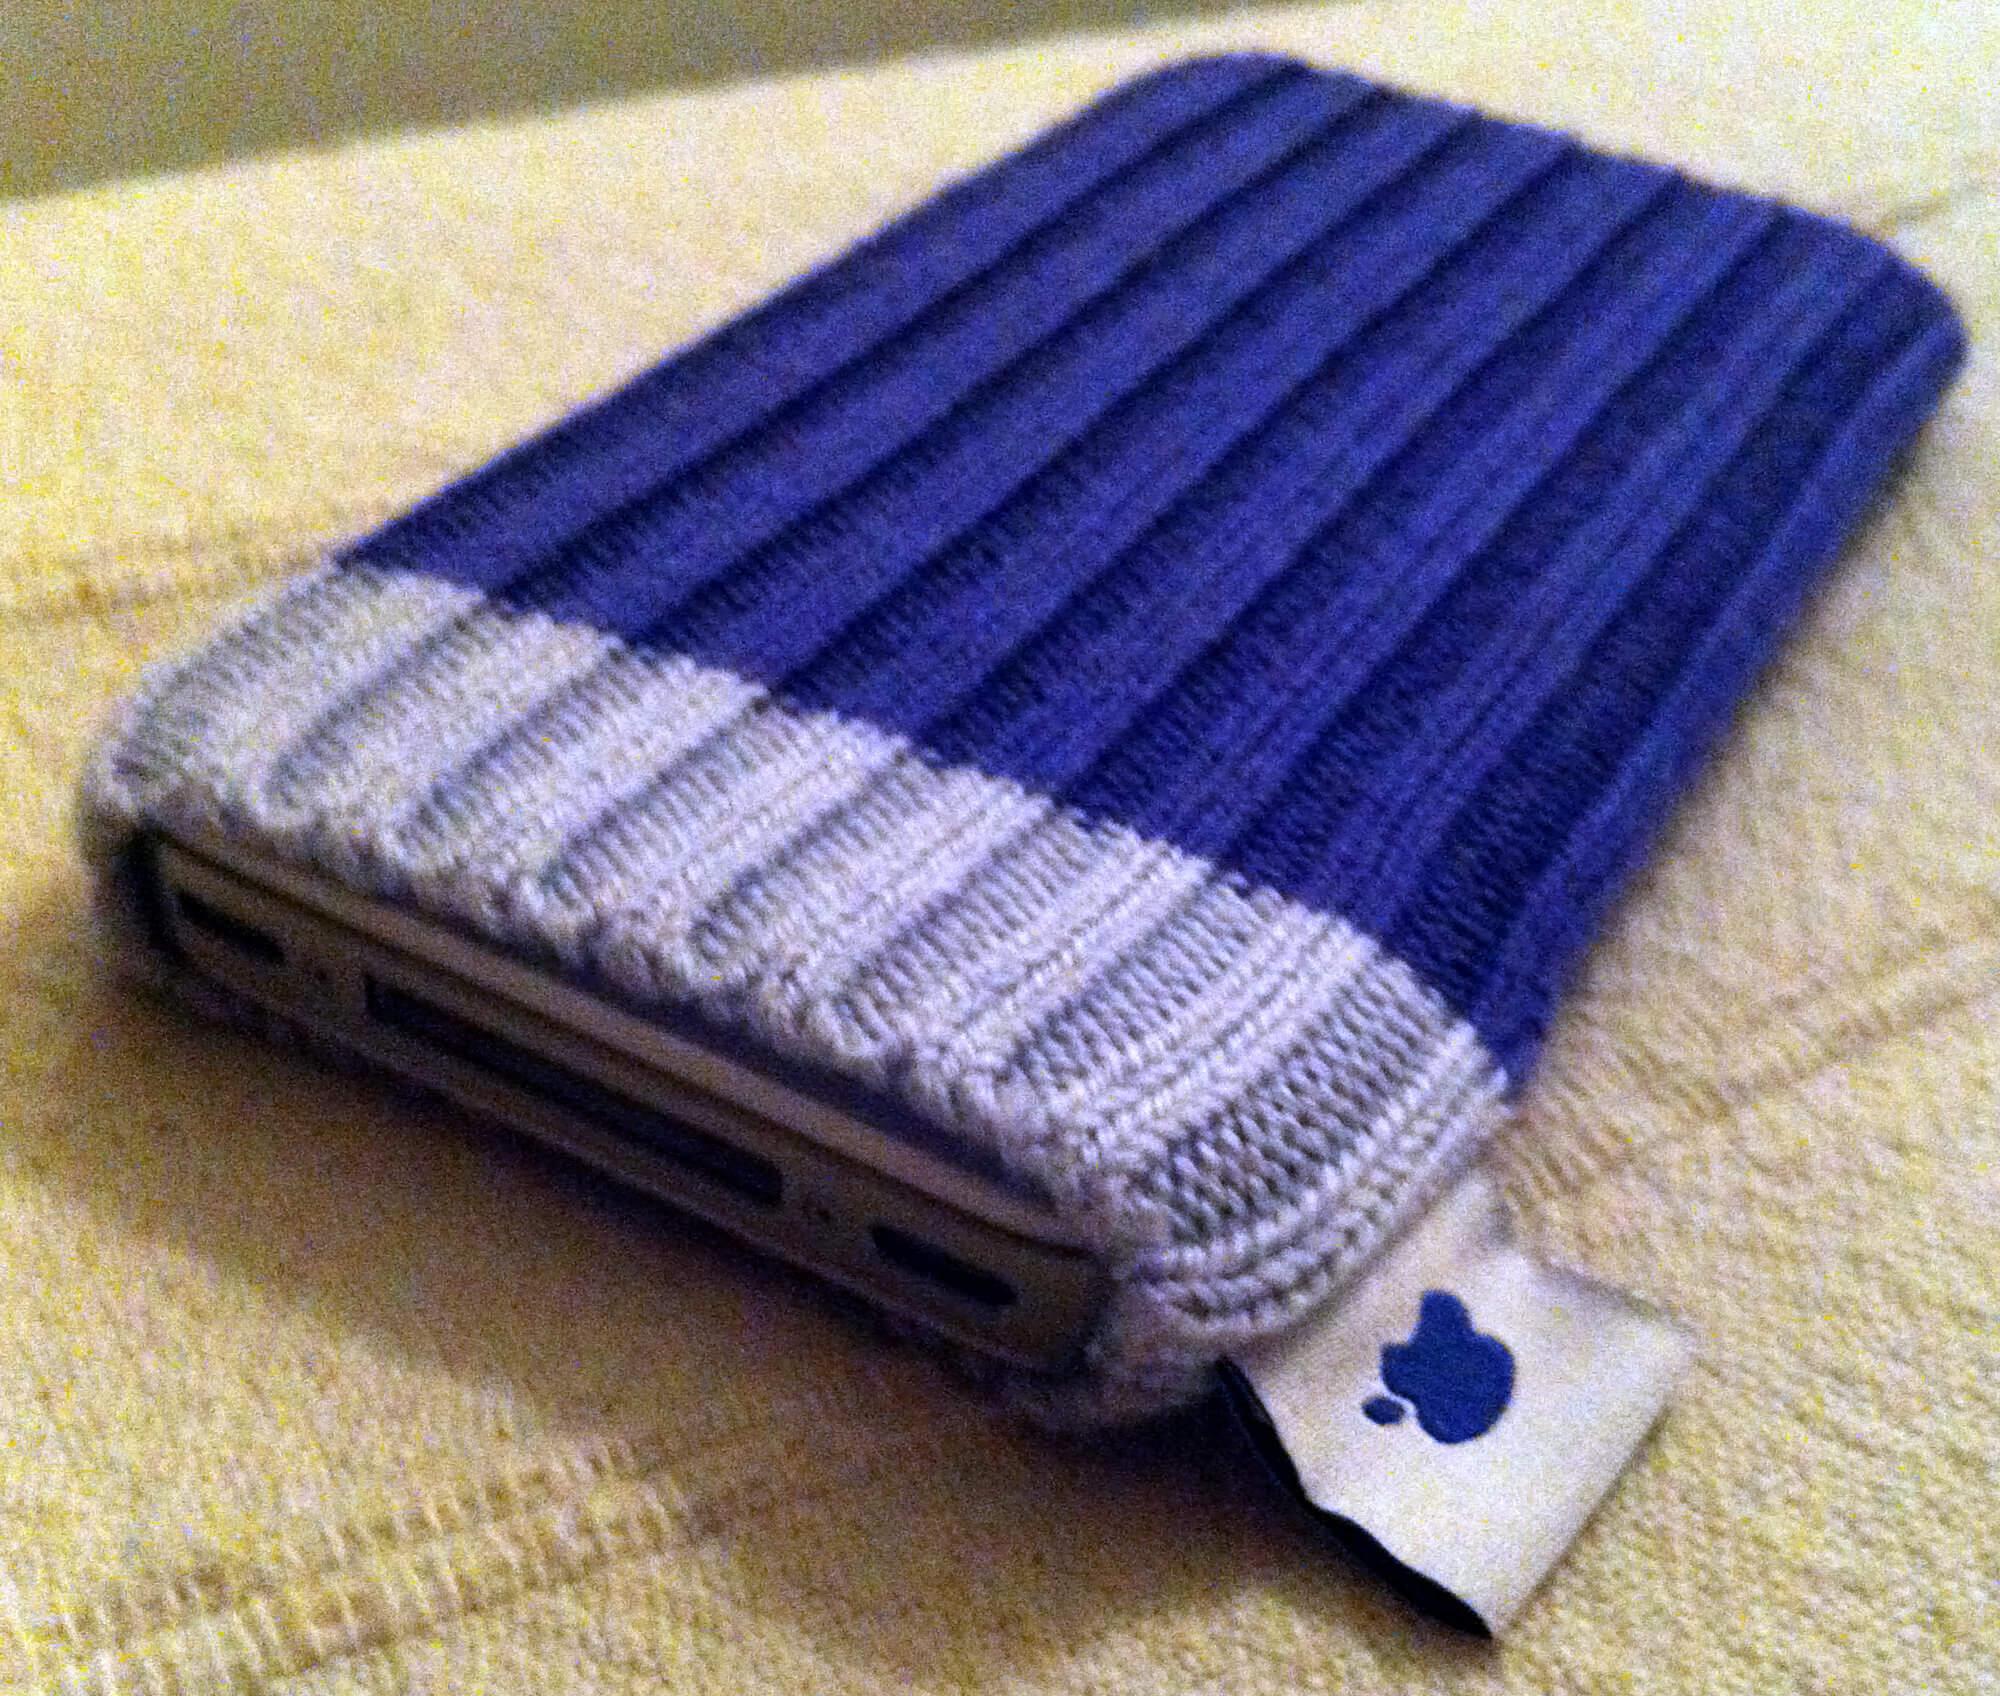 Apple будет предлагать вязанные носочки для iPhone под заказ. Да, как в iPod